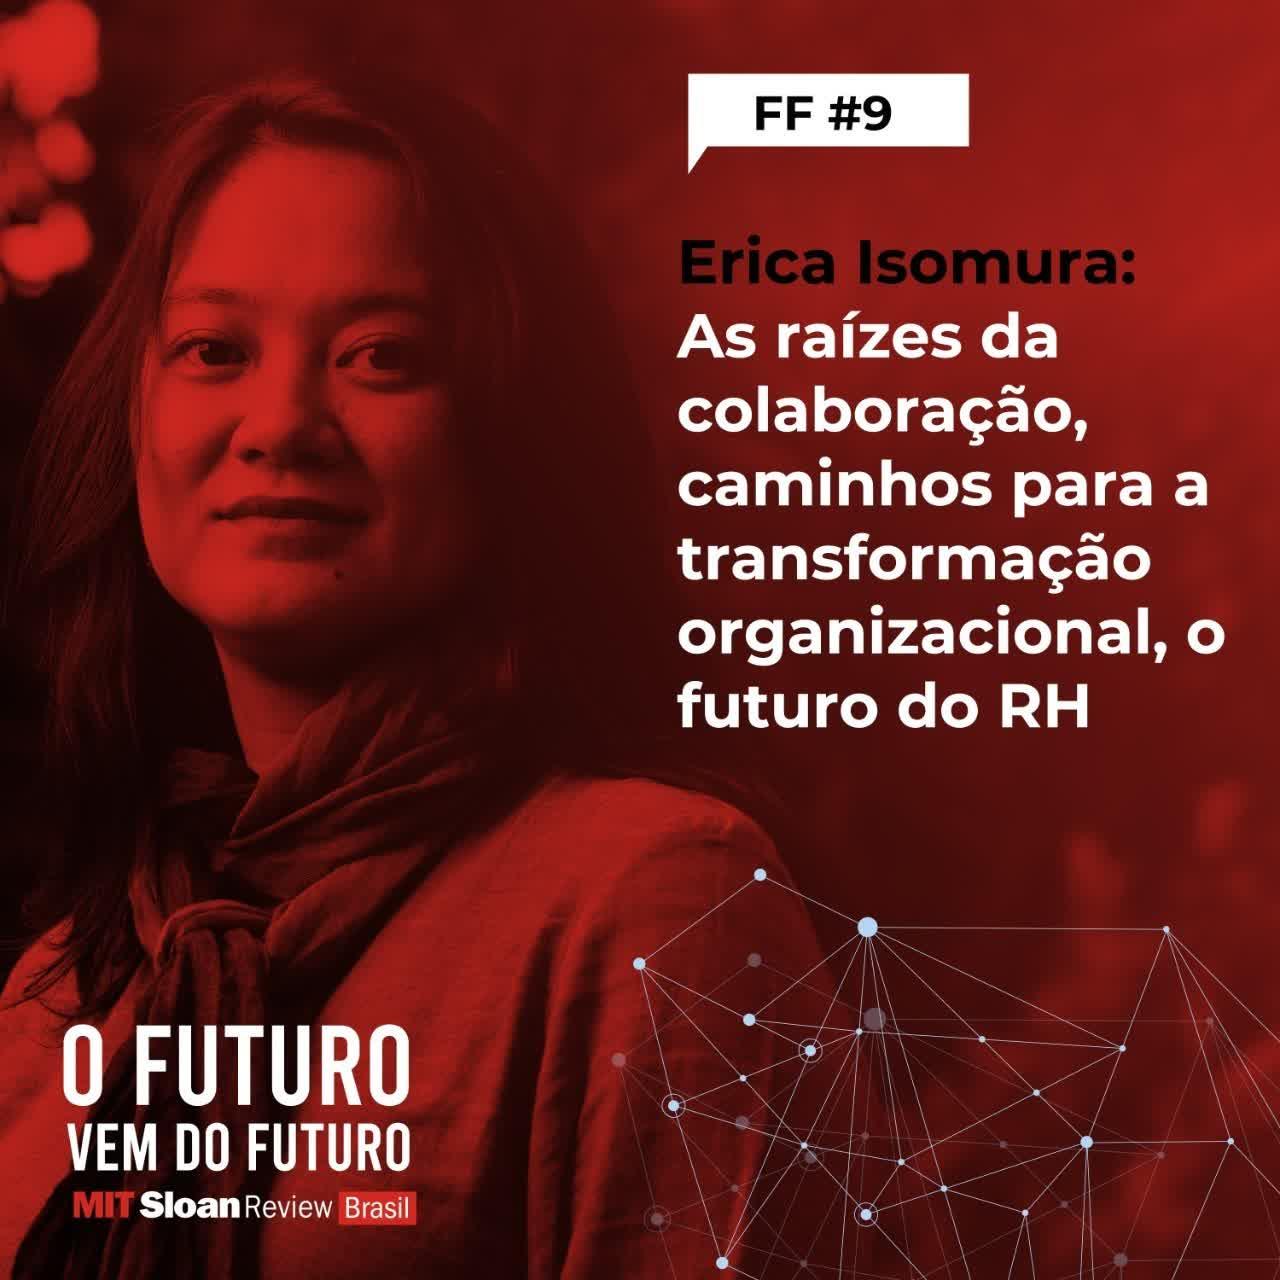 #9 - Erica Isomura: As raízes da colaboração, caminhos para a transformação organizacional, o futuro do RH